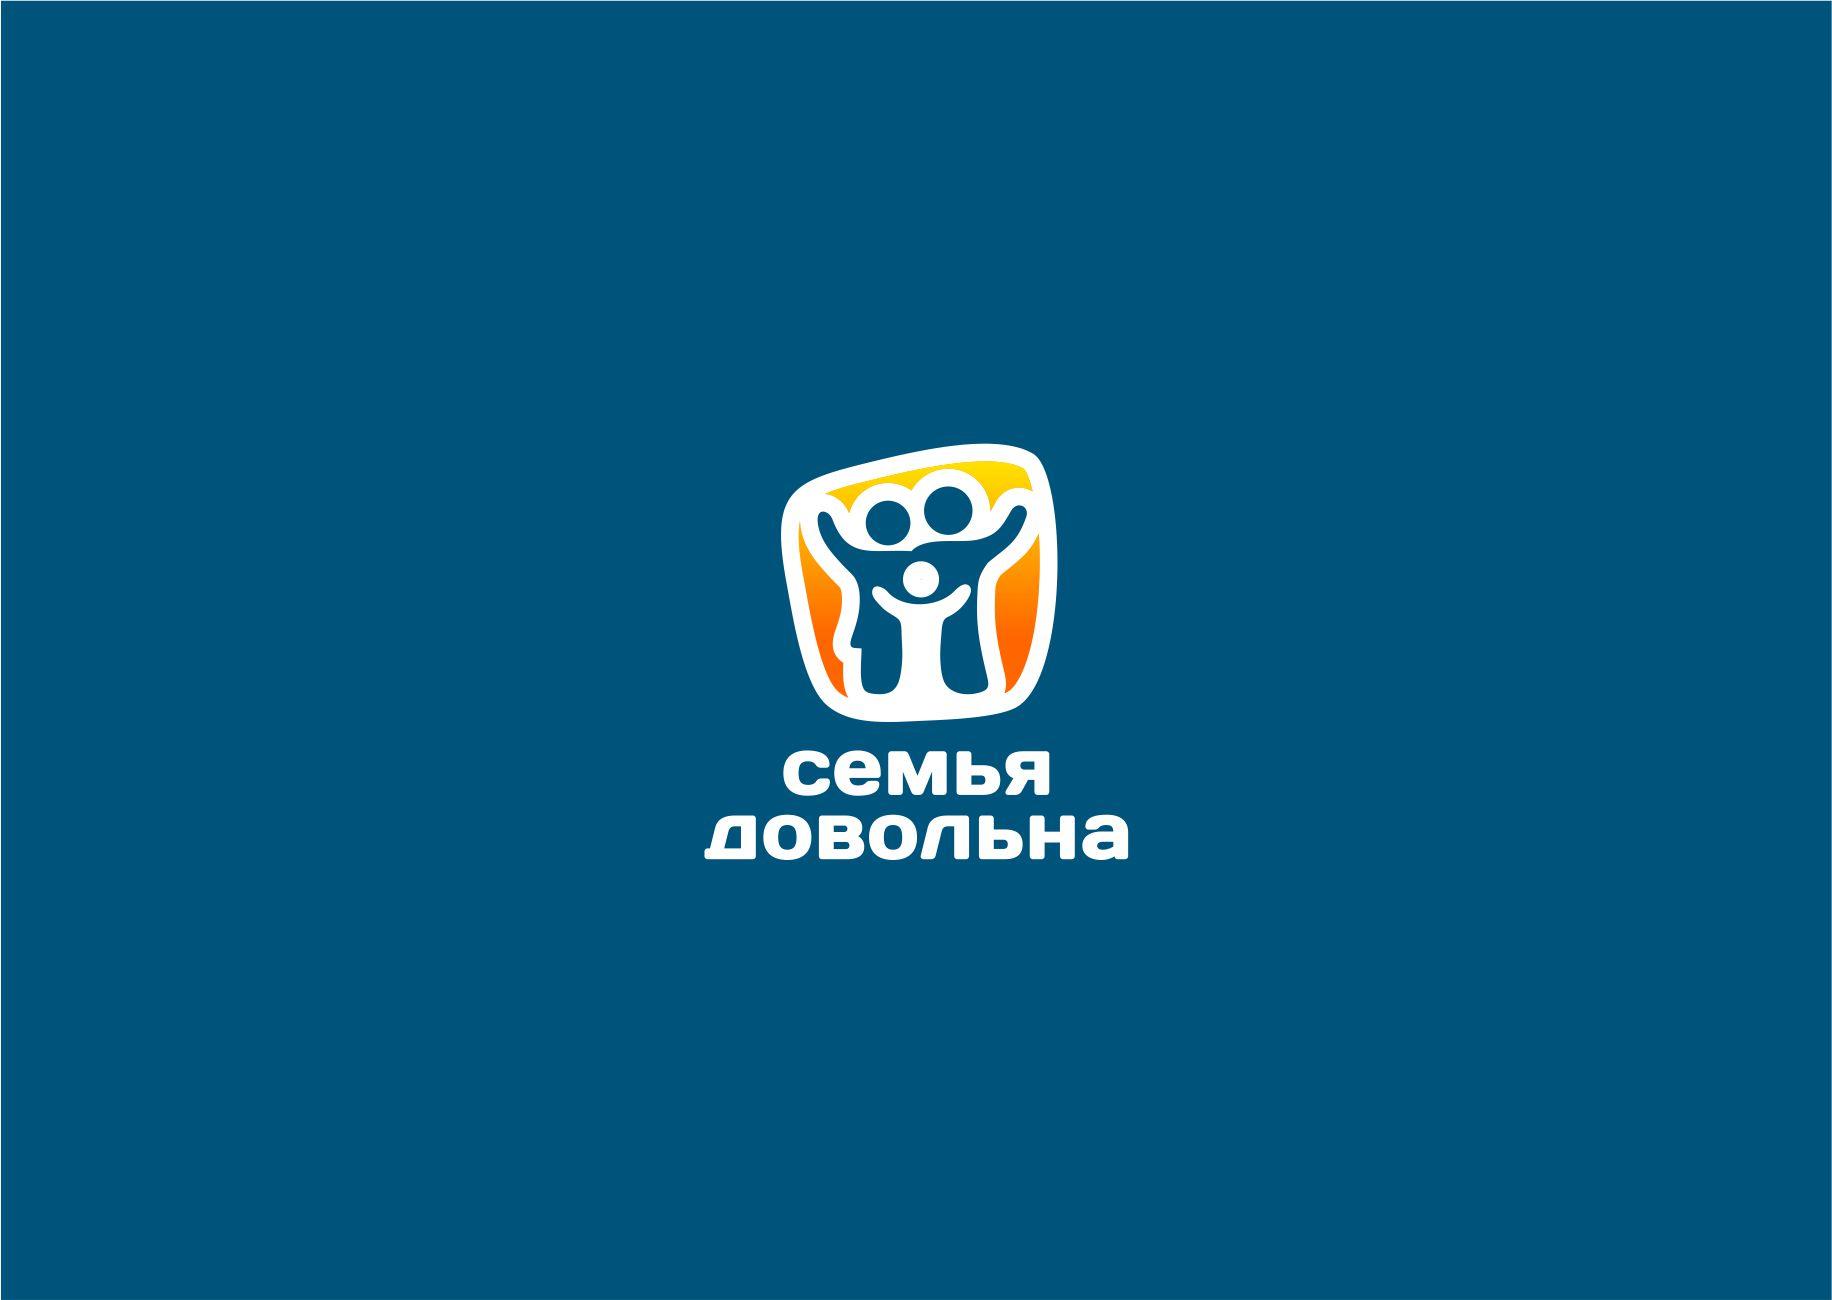 """Разработайте логотип для торговой марки """"Семья довольна"""" фото f_28659699a667c5c5.jpg"""